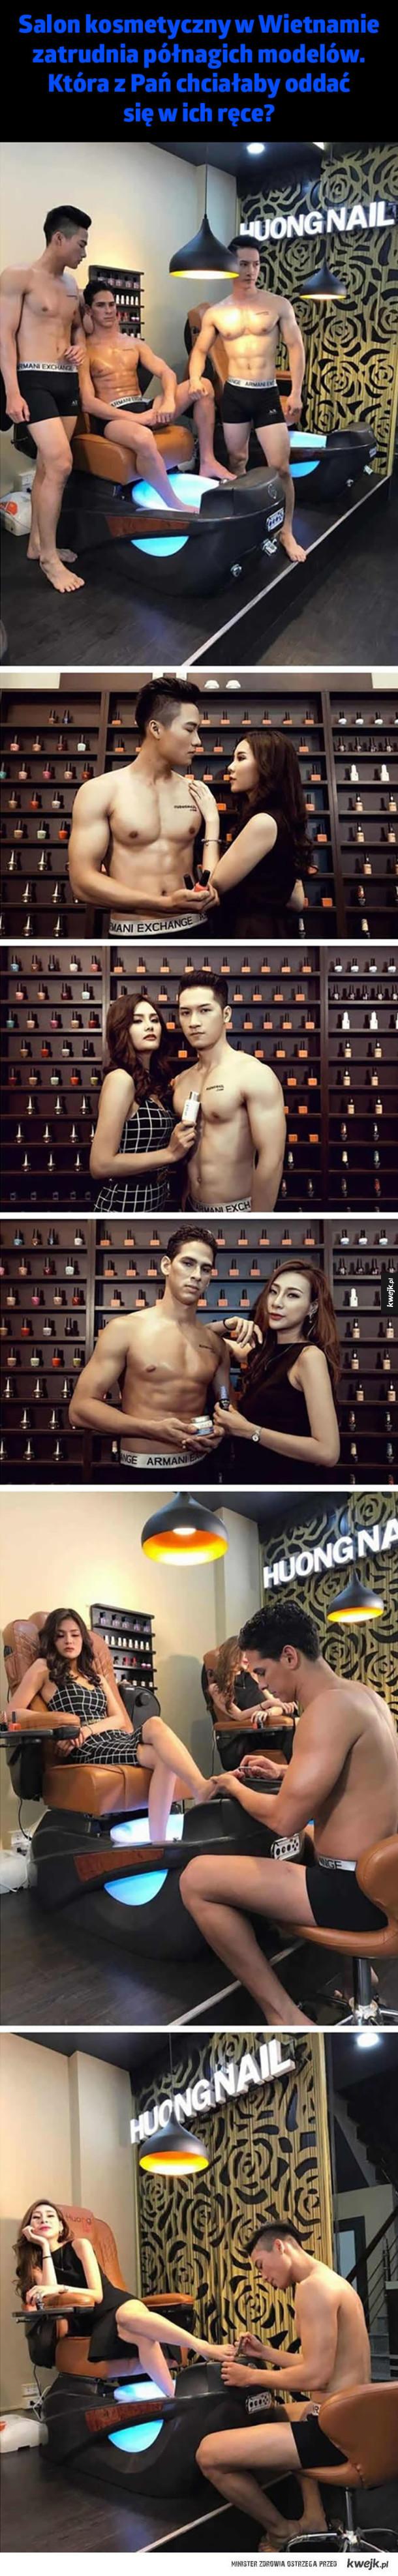 Salon kosmetyczny w Wietnamie